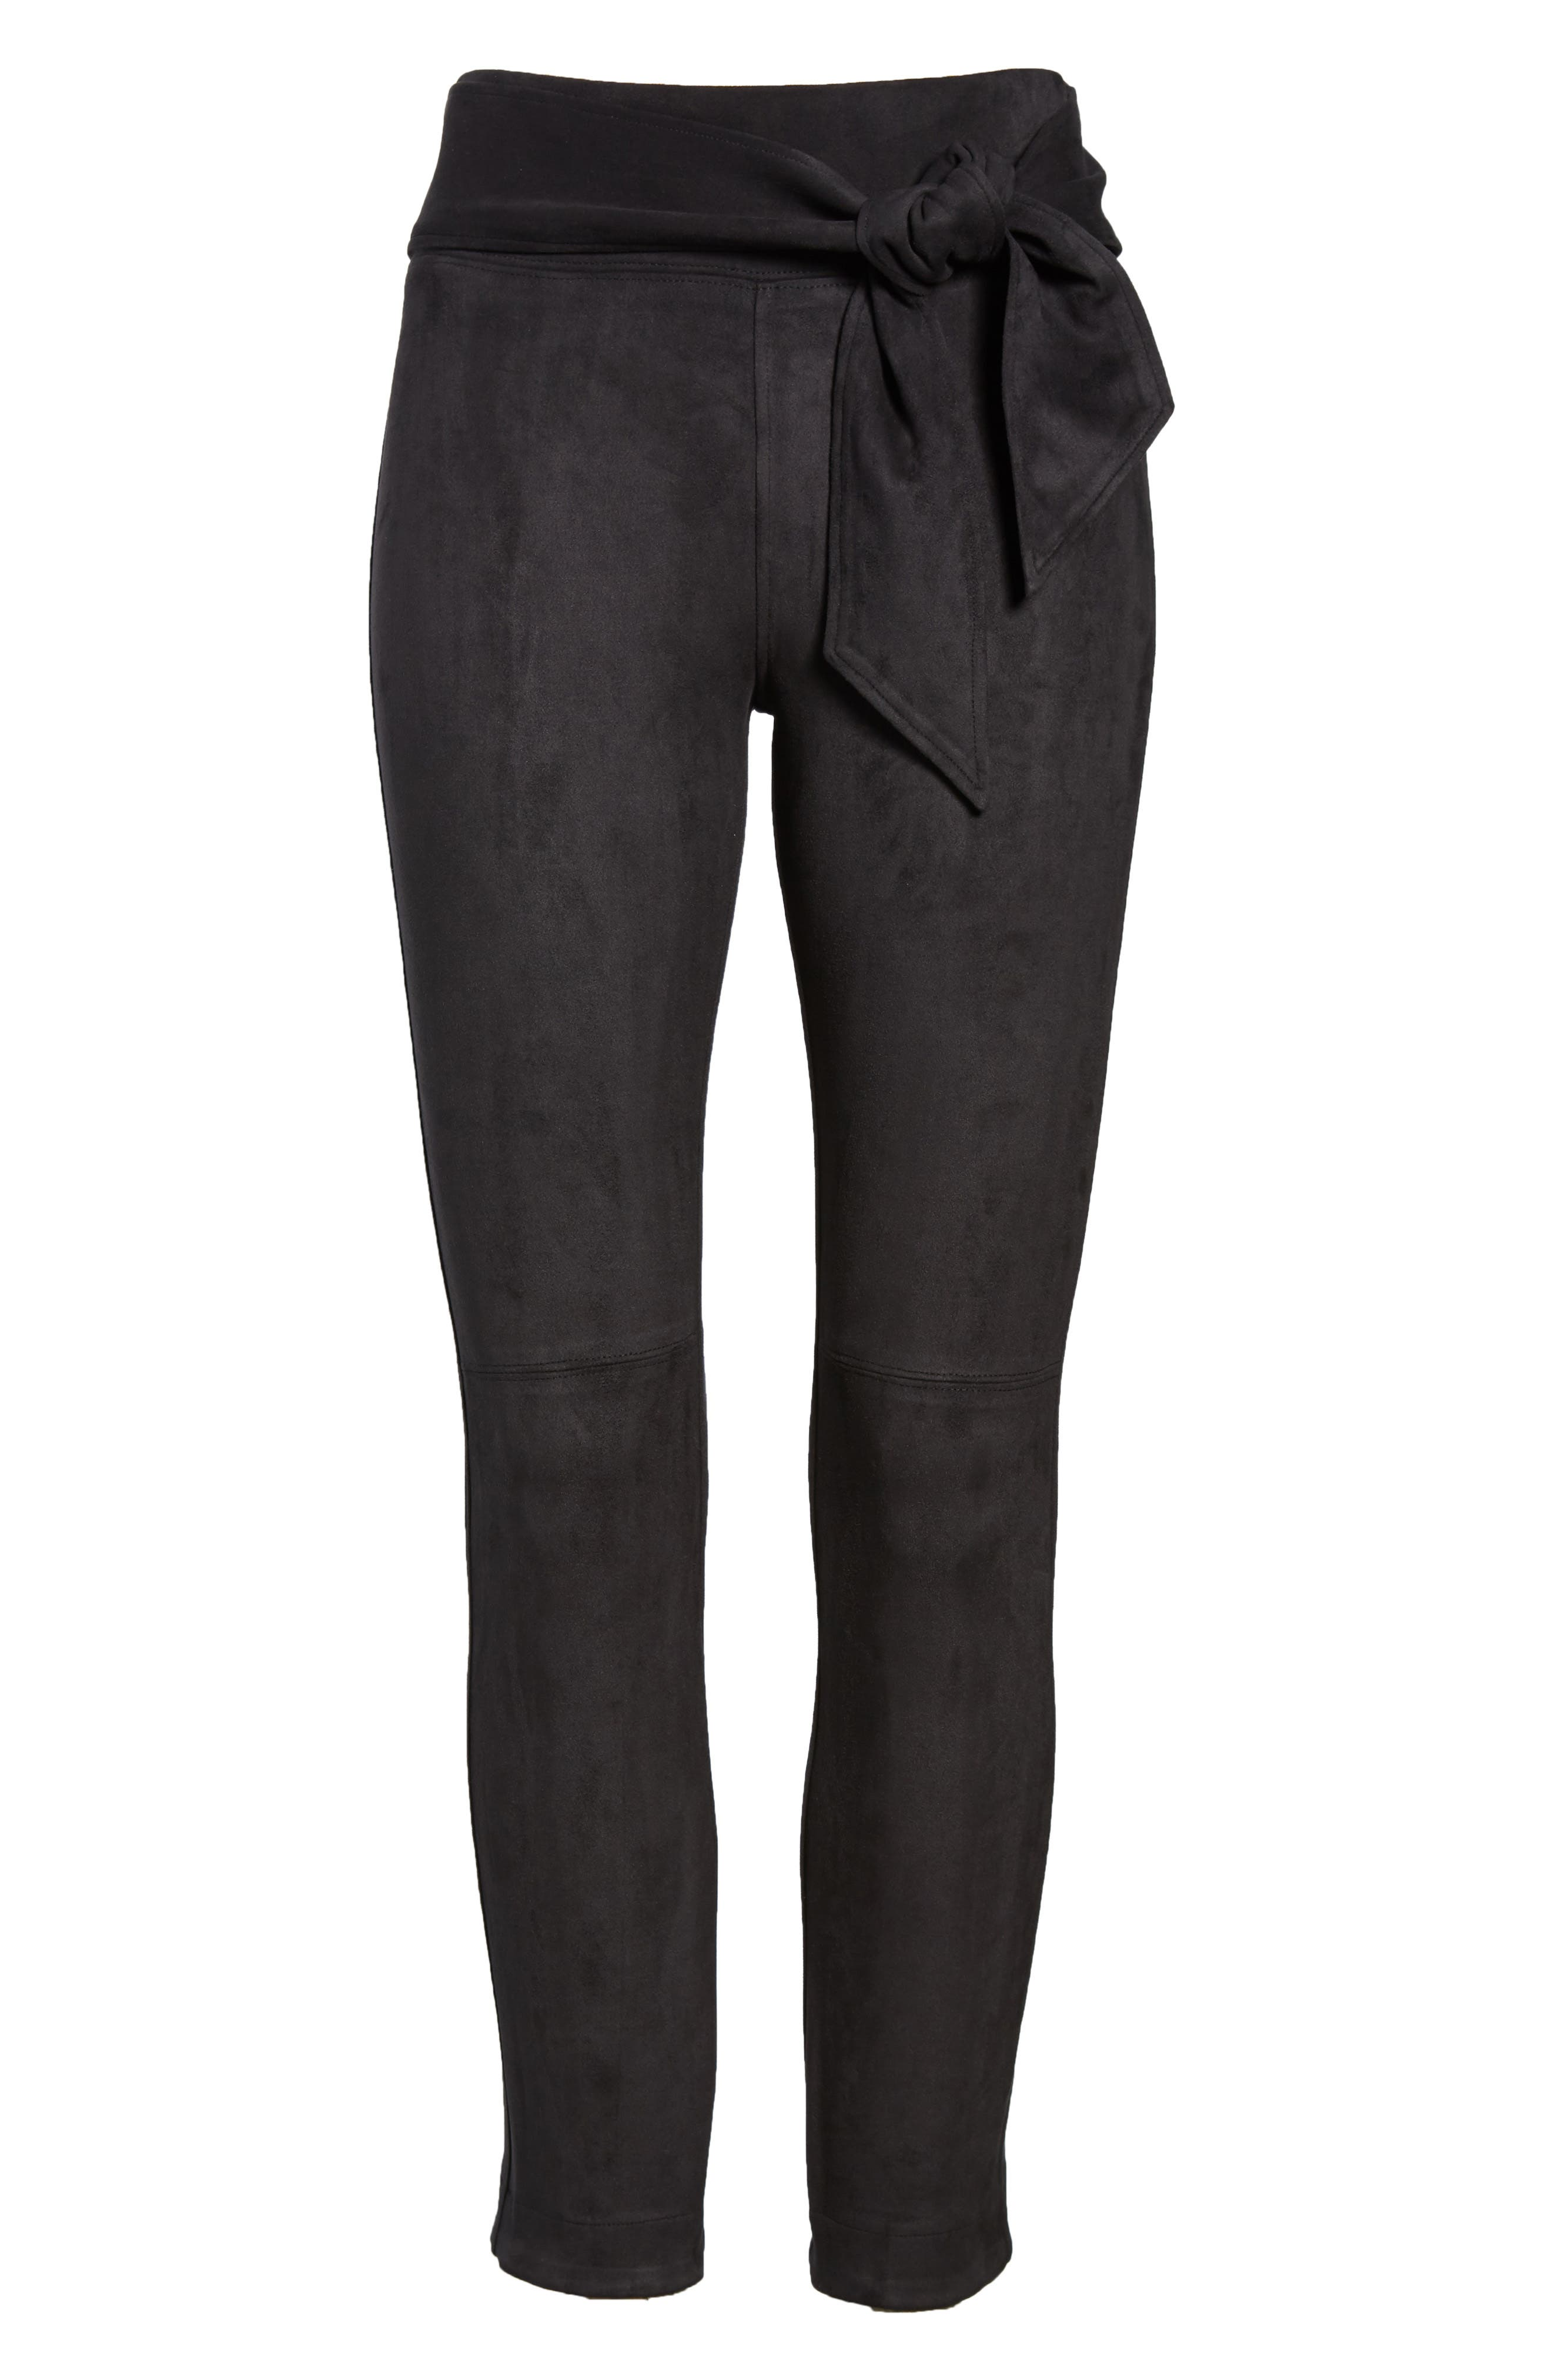 Waist Tie Skimmer Leggings,                             Alternate thumbnail 6, color,                             BLACK